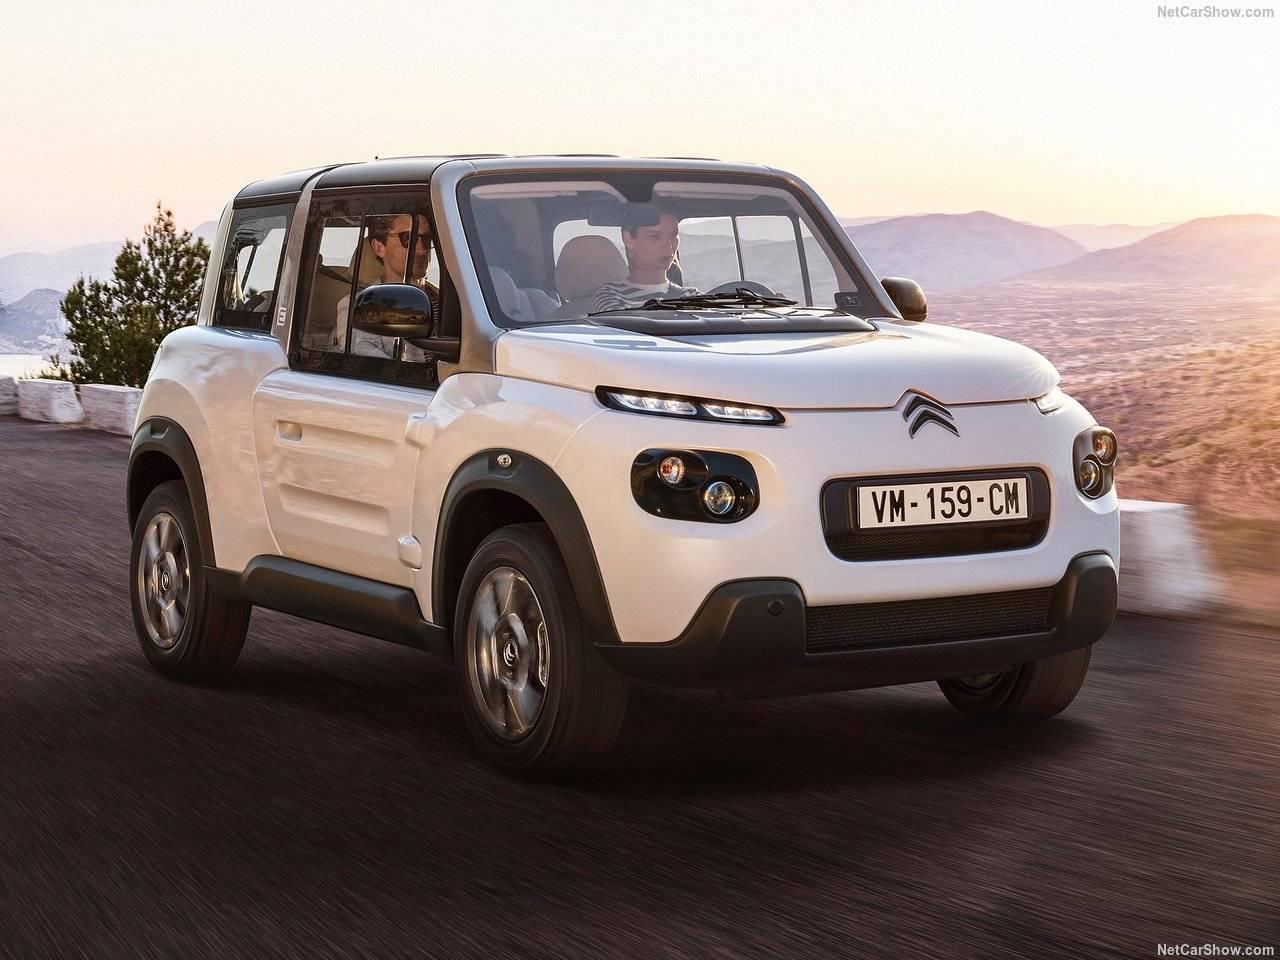 シトロエン e-Mehariが遂にモデルチェンジ!本拠地フランスでは販売開始、100%電気自動車(EV)のスペックは?